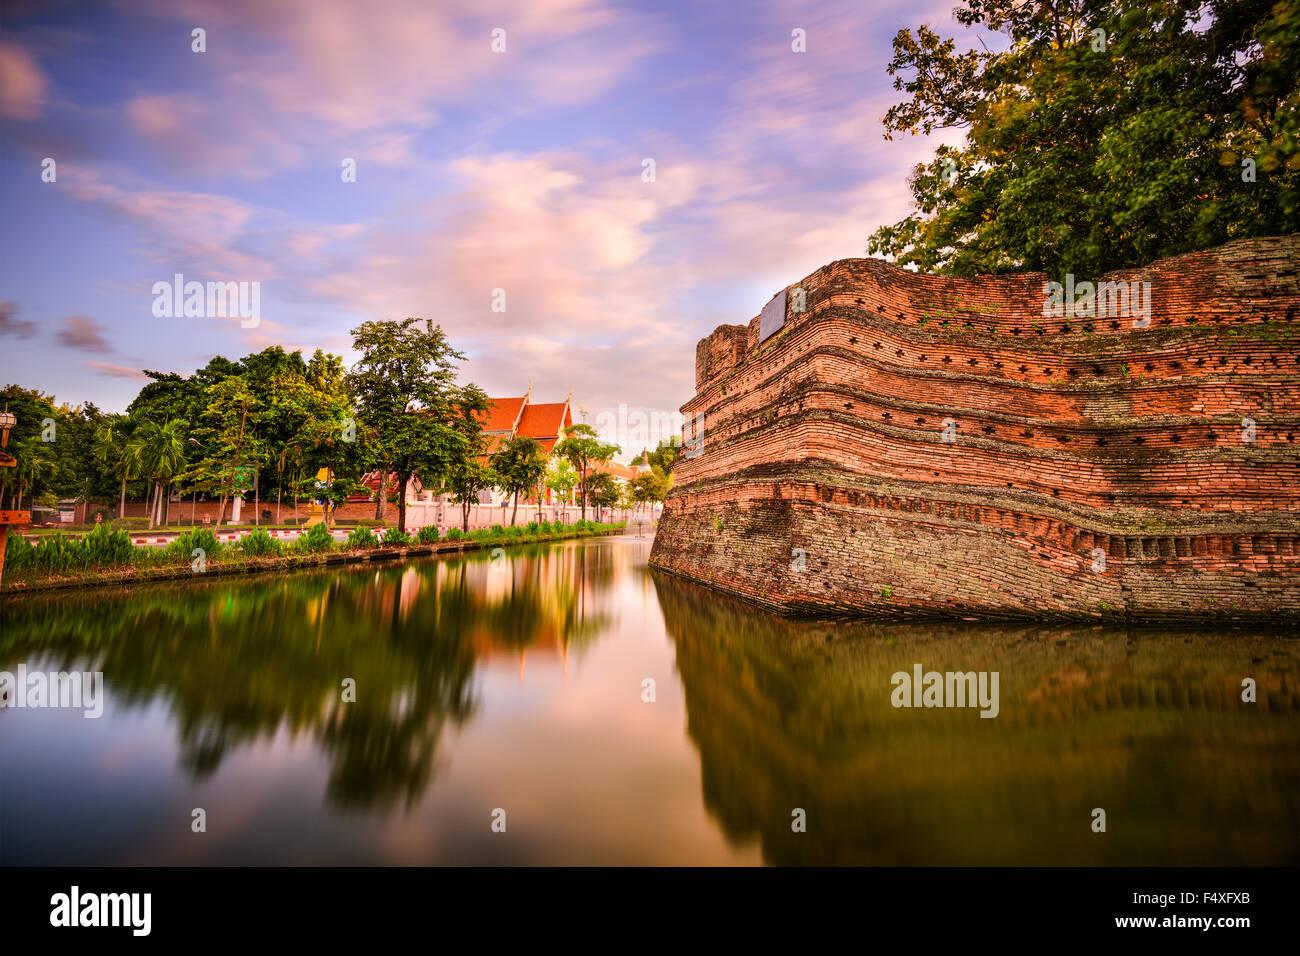 Chiang Mai, Tailandia ciudad vieja antigua muralla y foso. Imagen De Stock